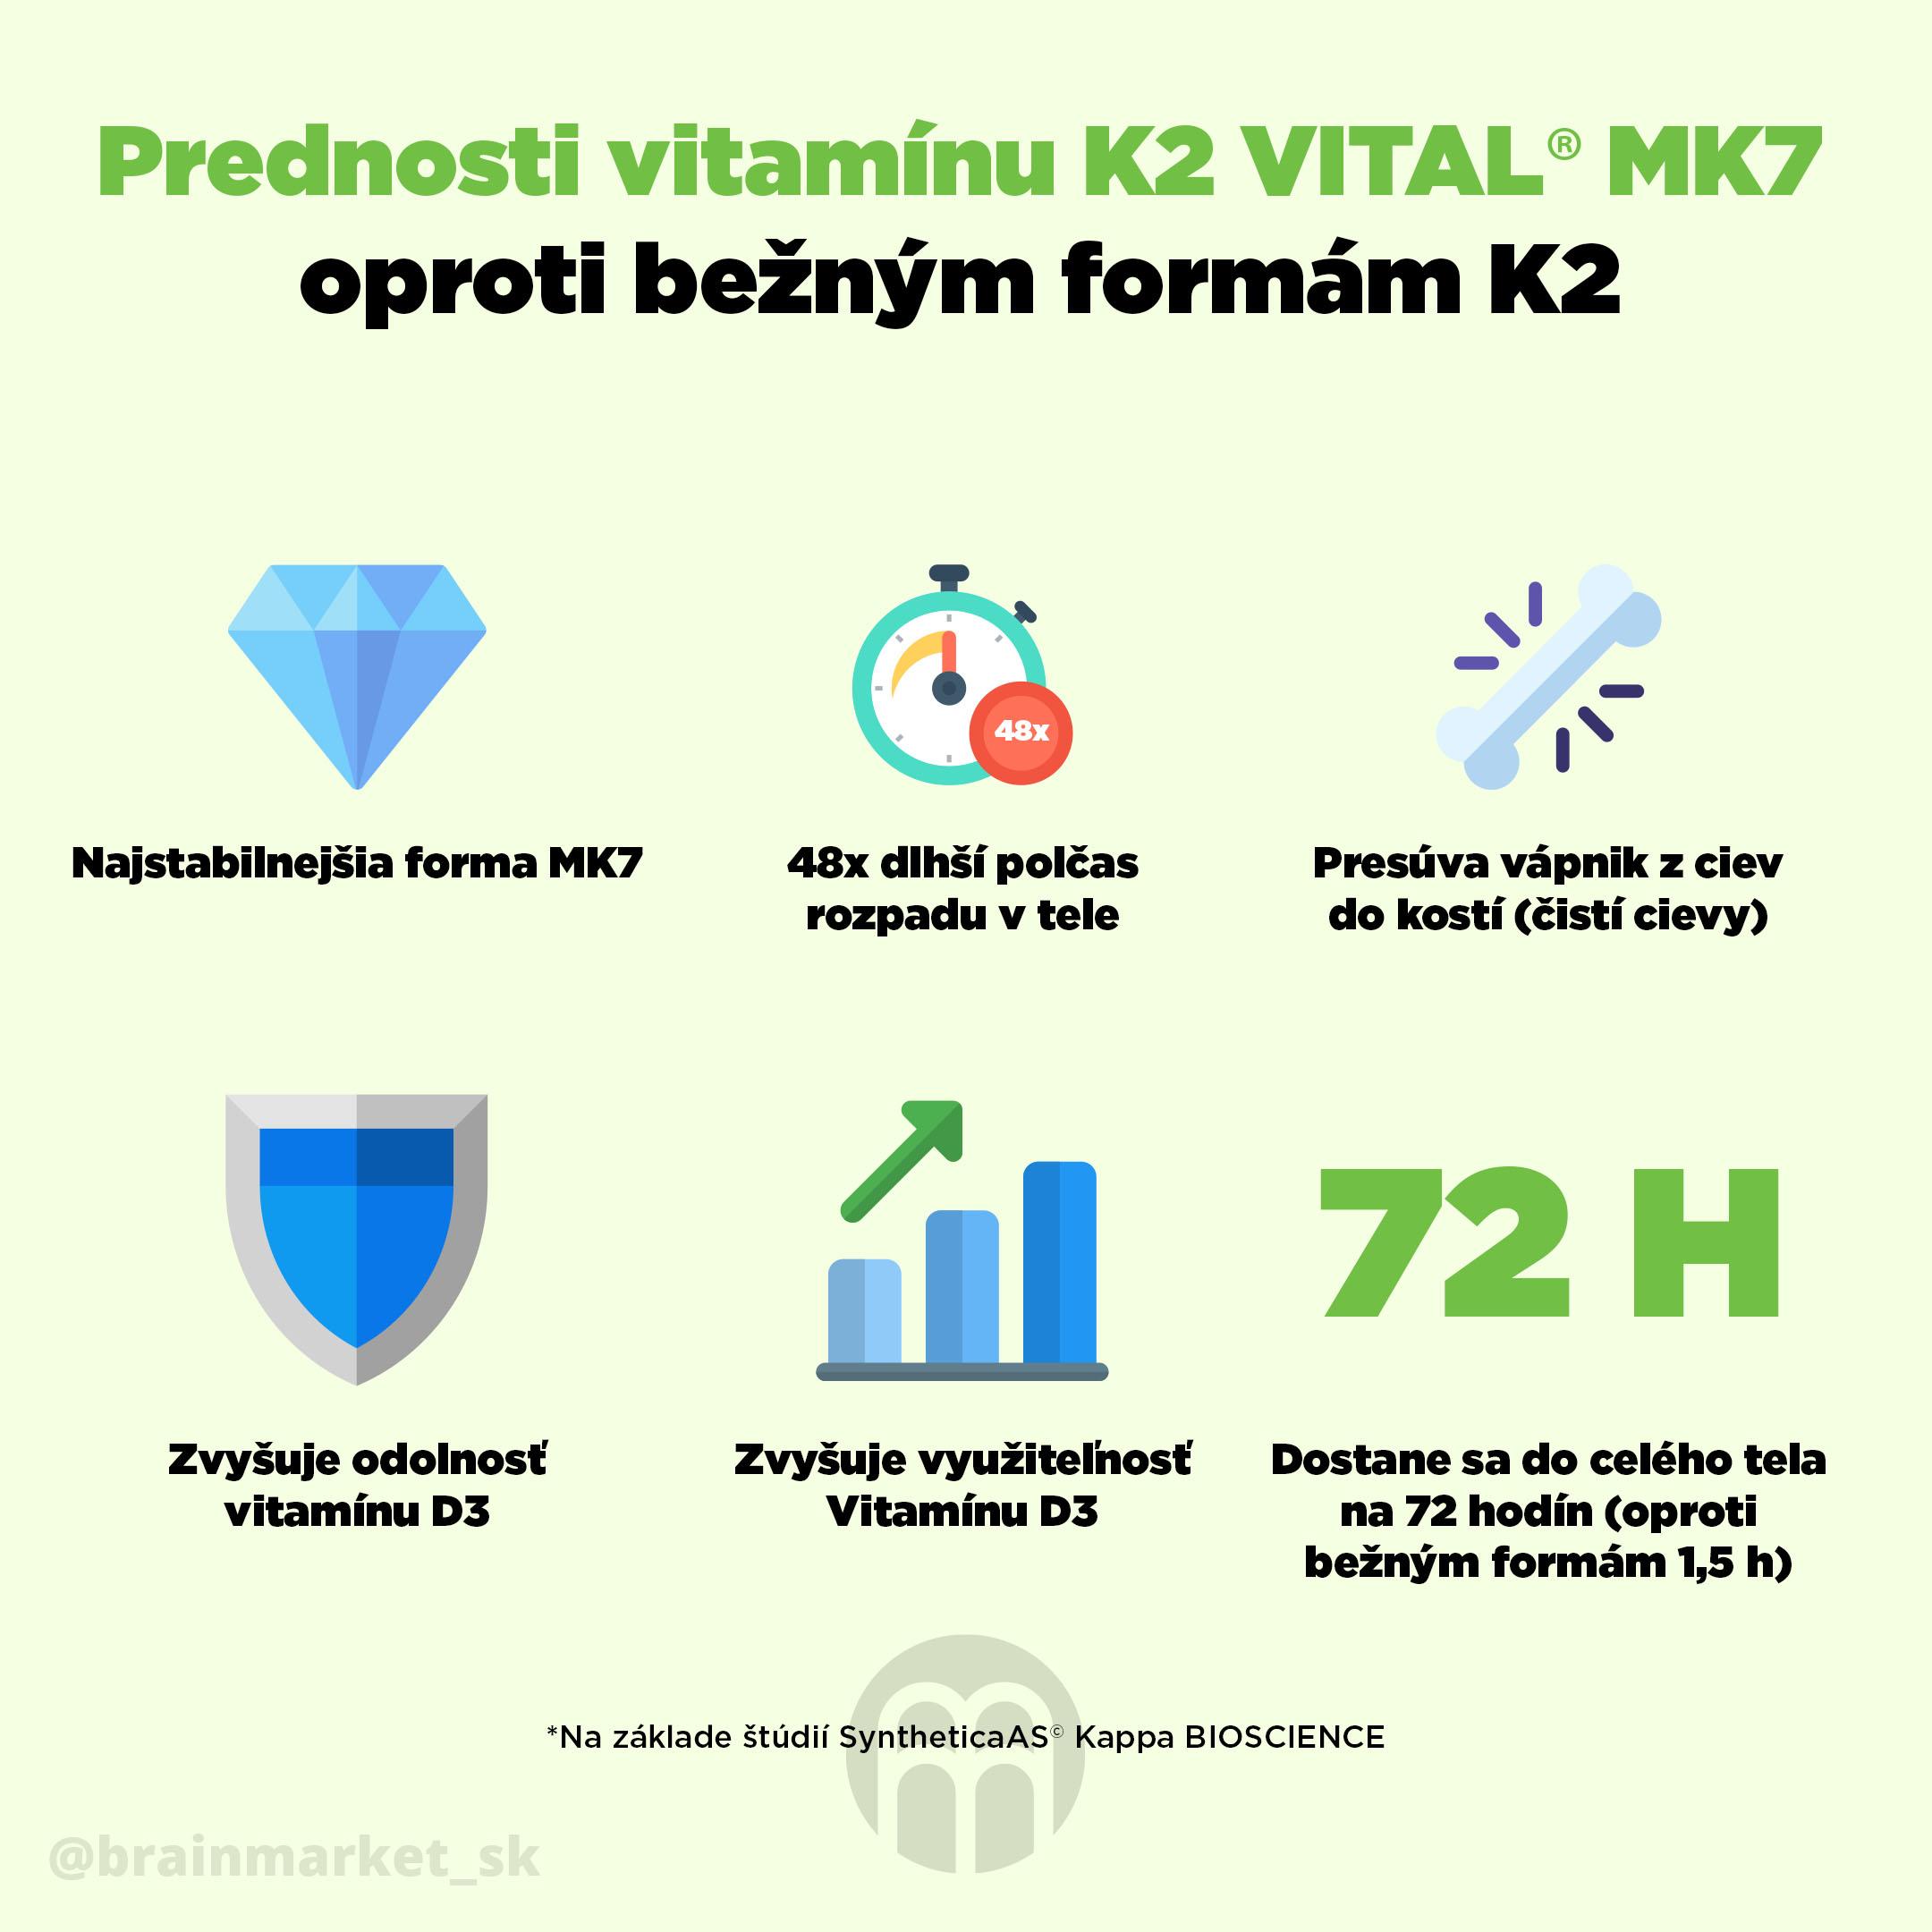 4 dôvody prečo potrebujete Vitamín K2 ako MK-7